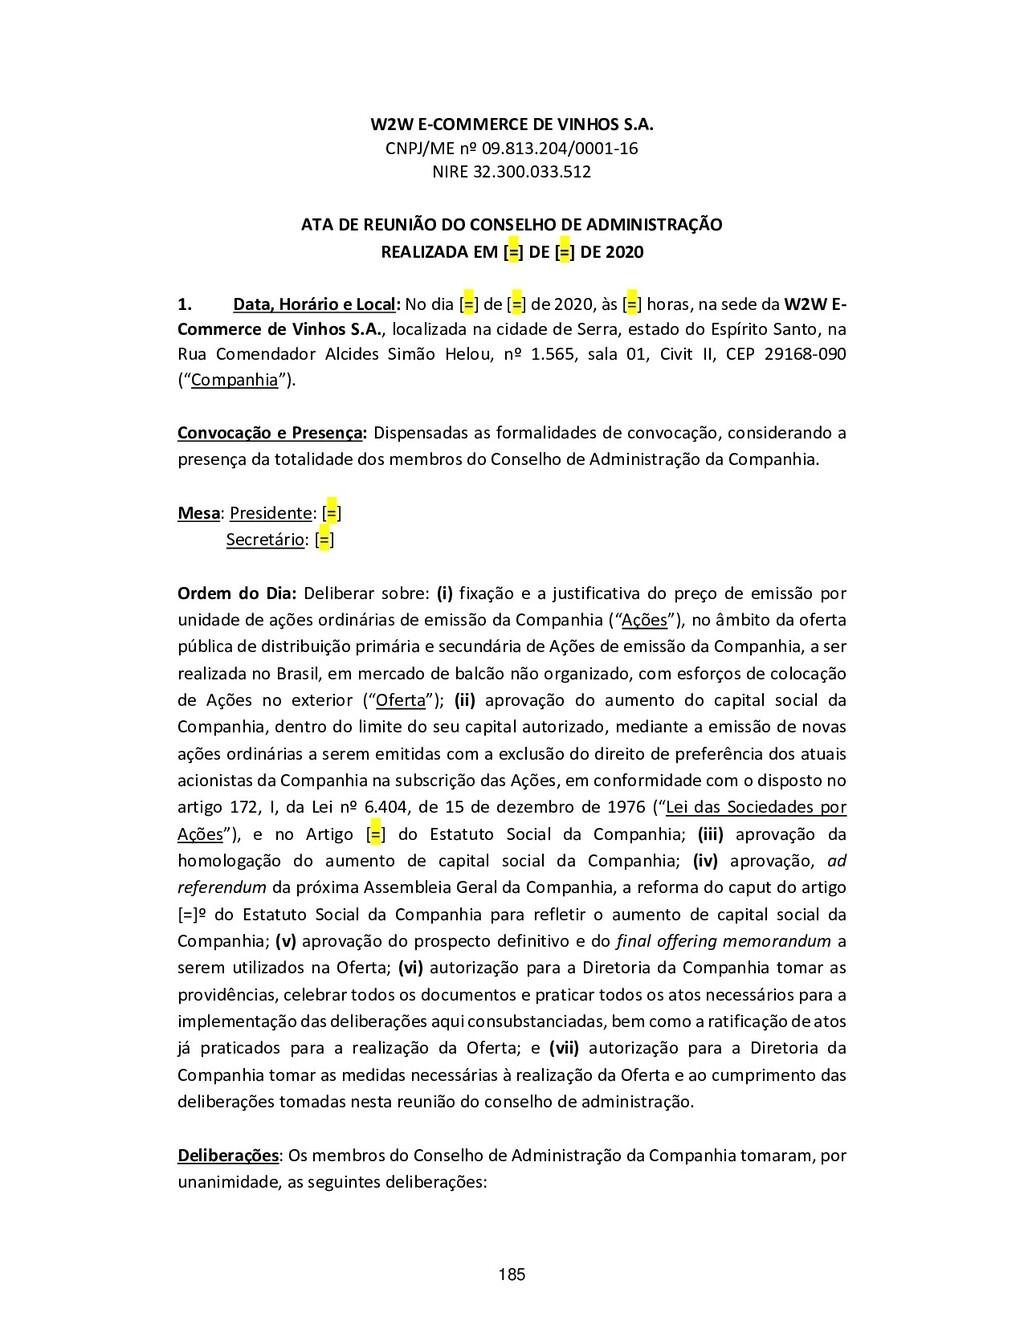 W2W E-COMMERCE DE VINHOS S.A. CNPJ/ME nº 09.813...